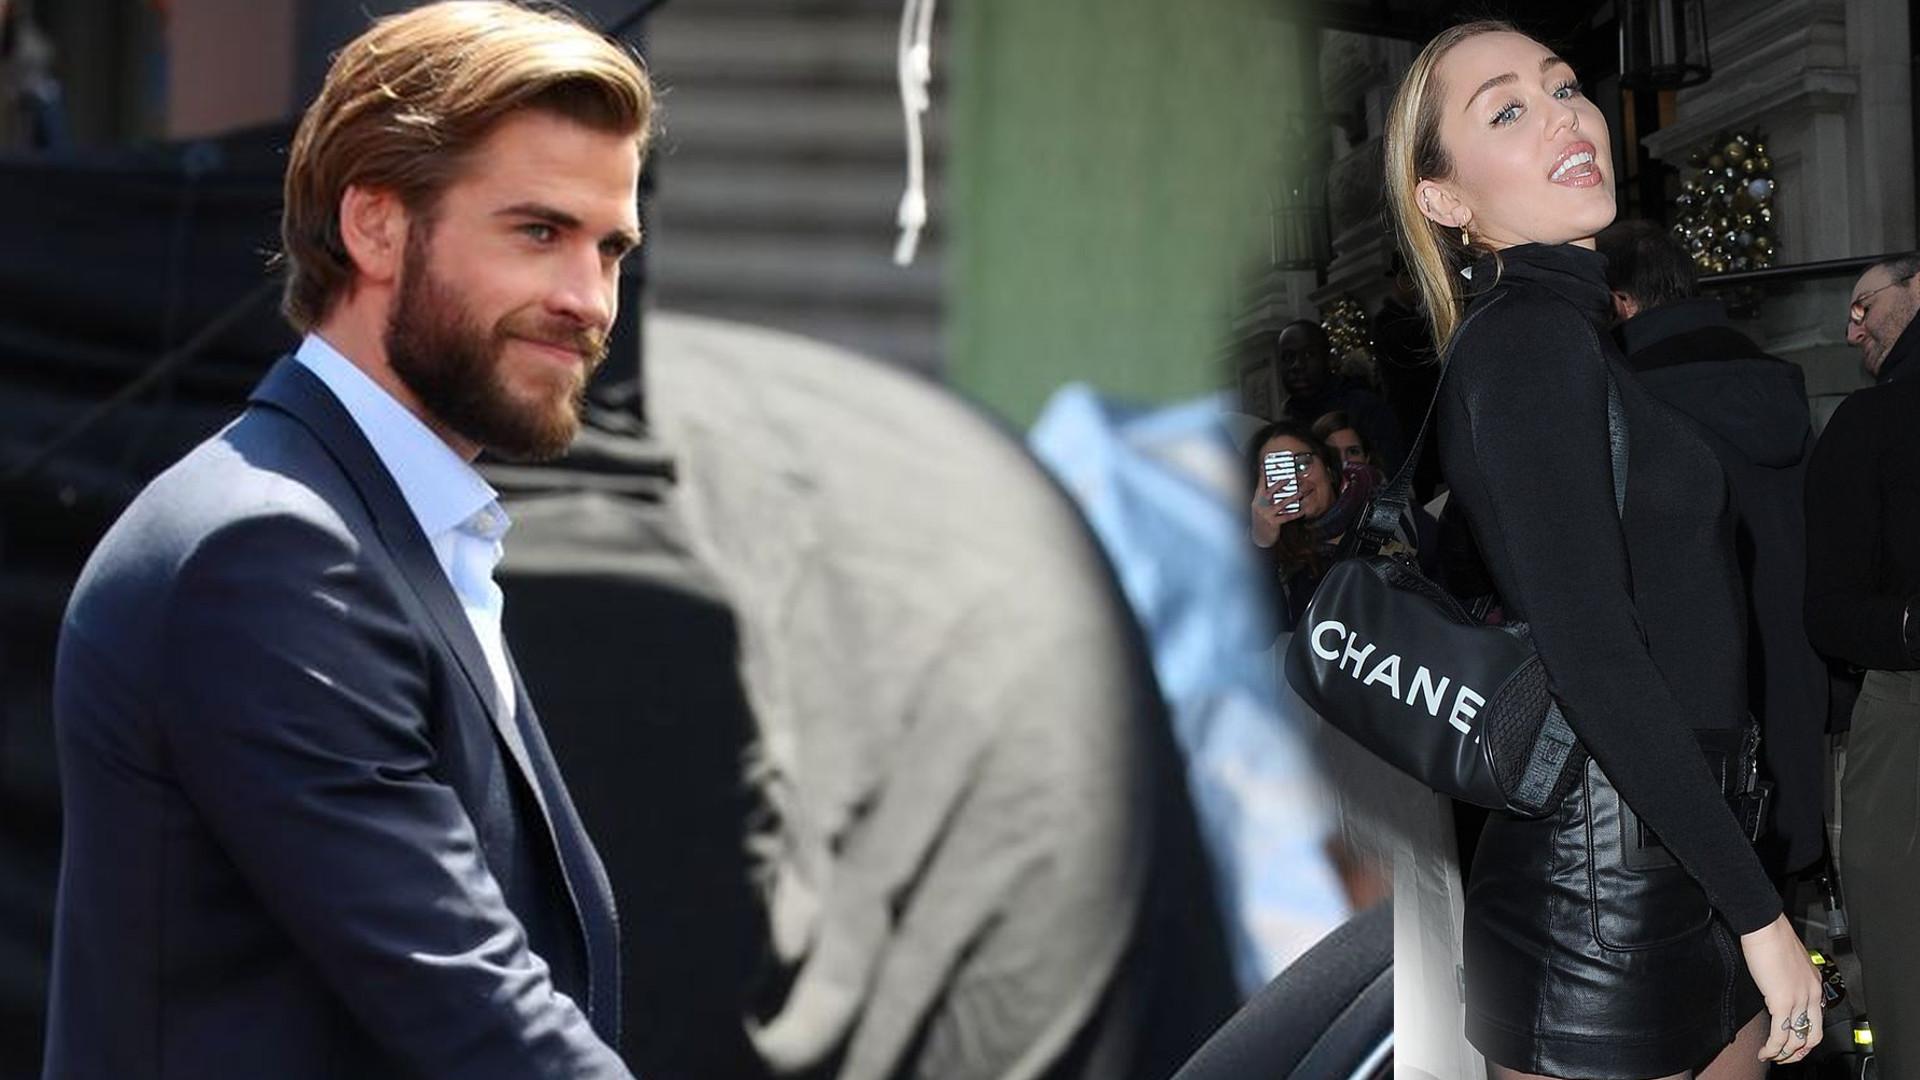 SZOK! Znamy powody rozstania Miley Cyrus z Liamem Hemsworthem